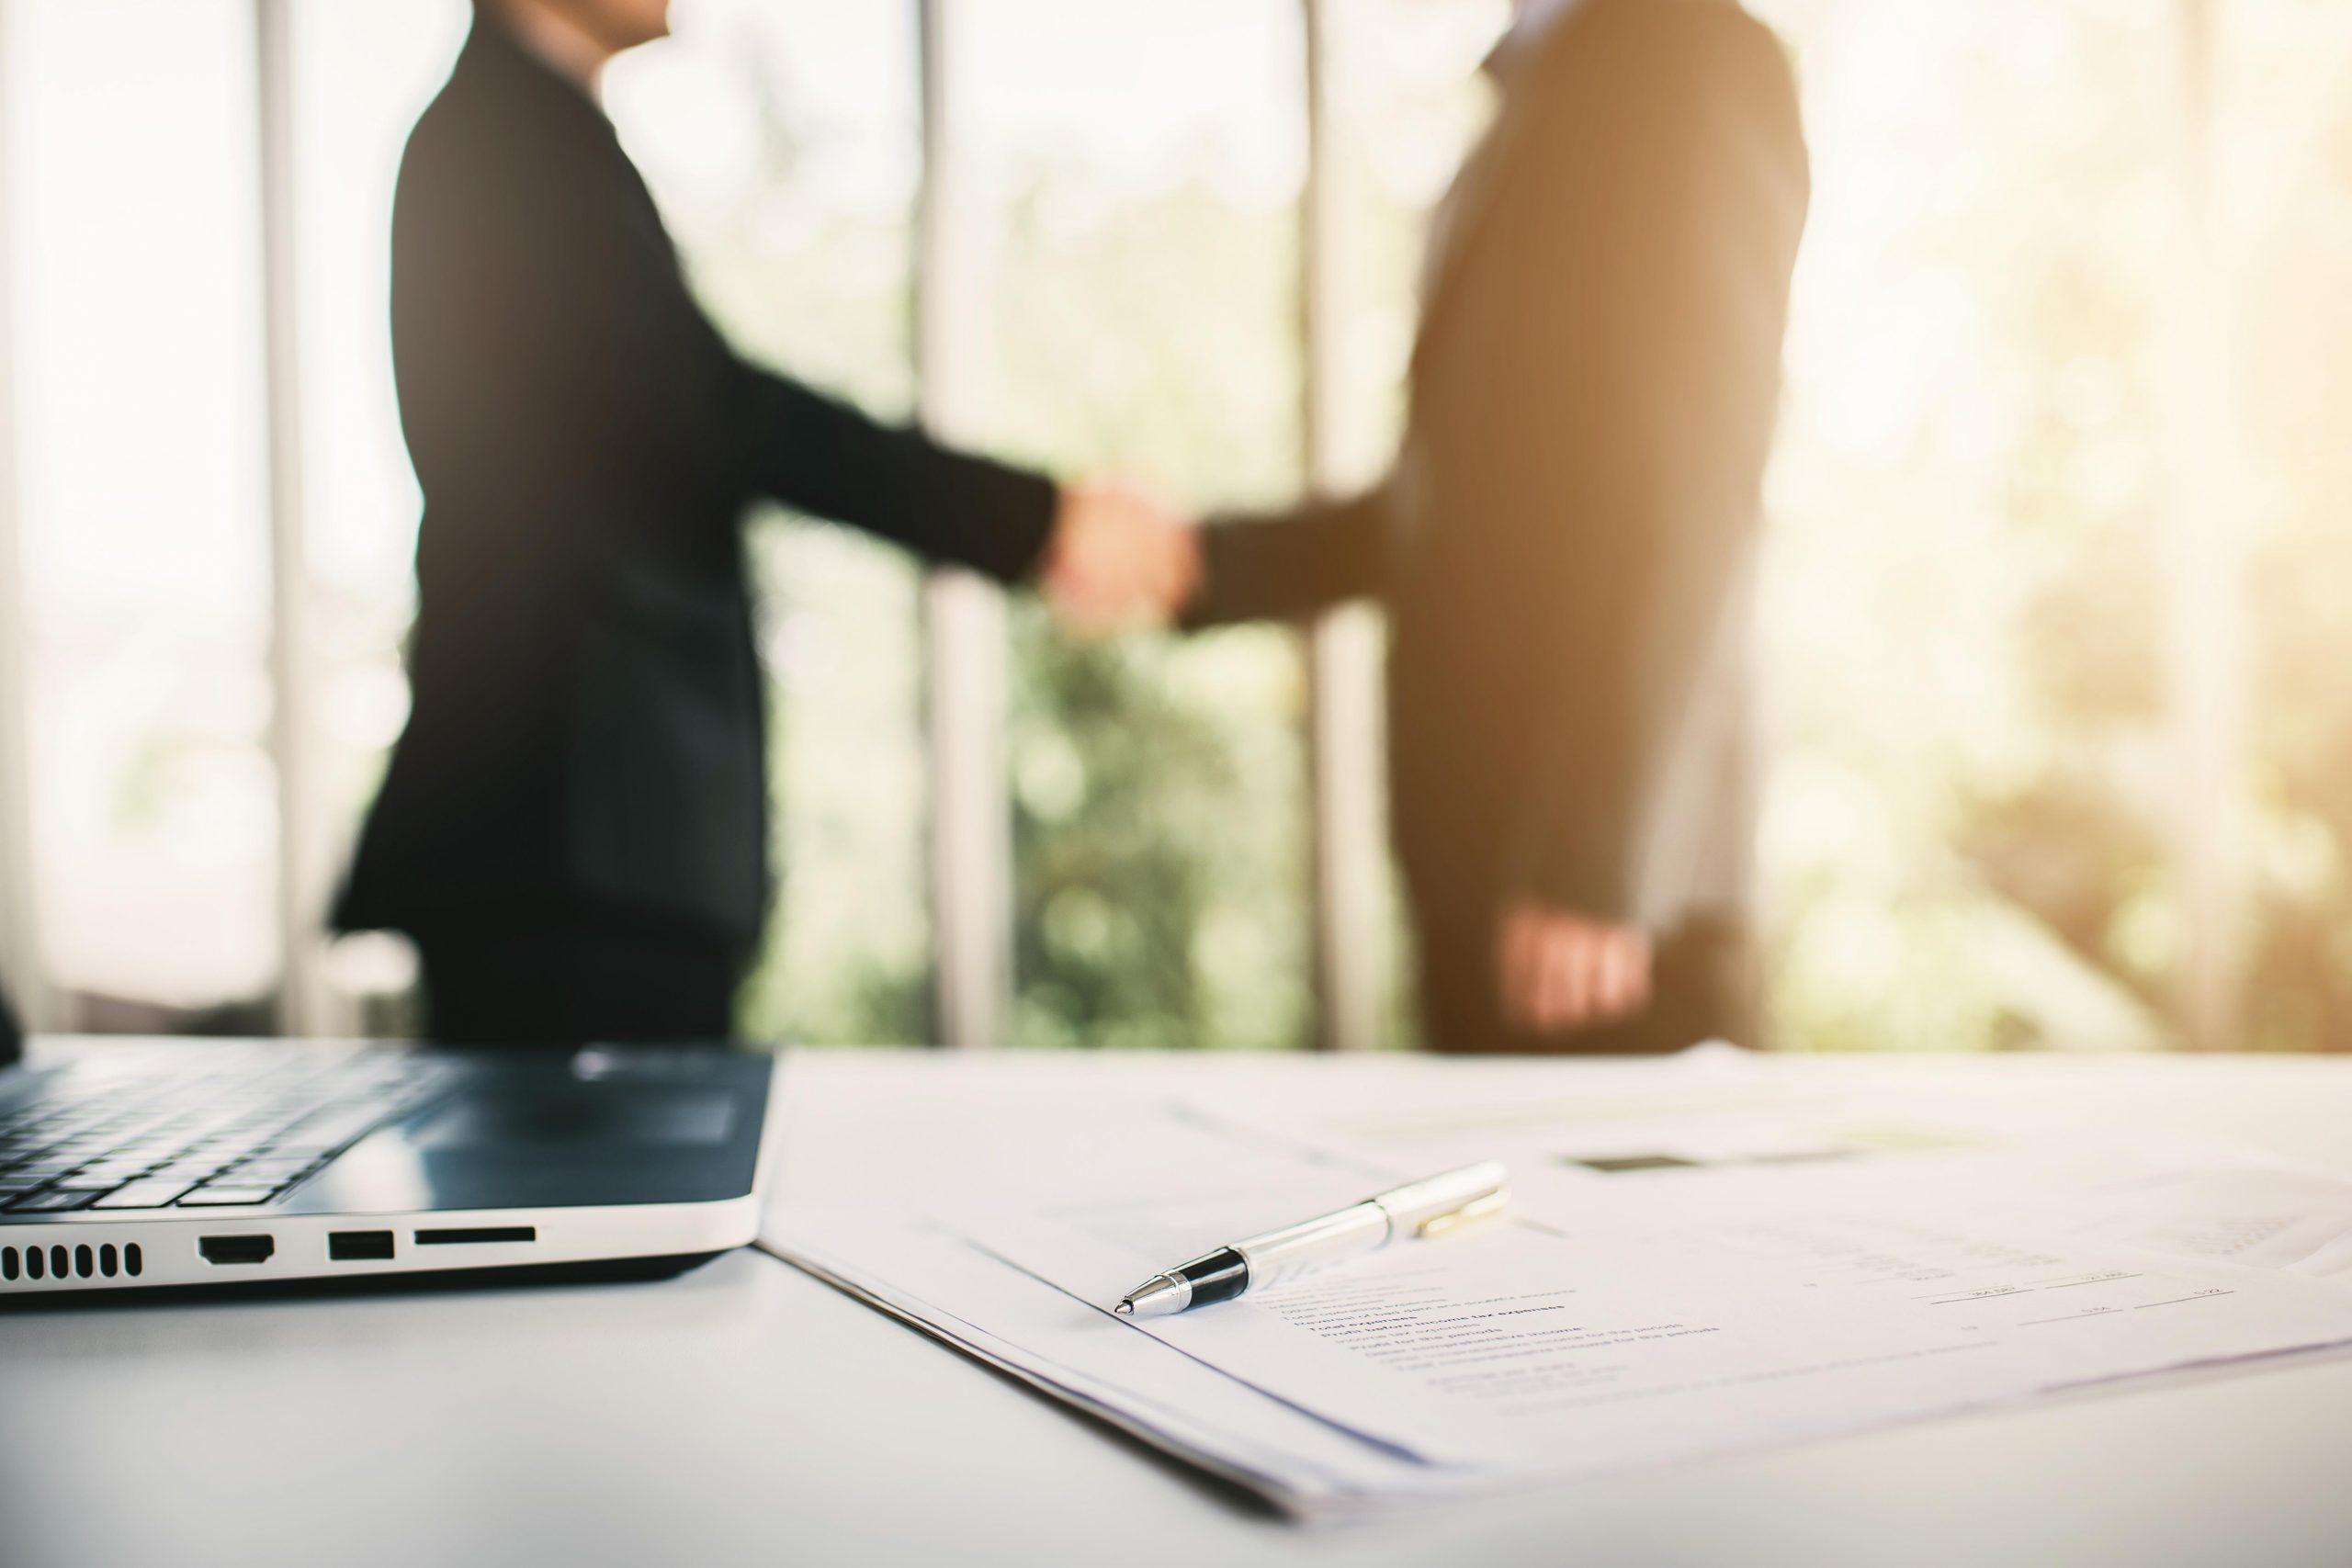 BNDES contabiliza R$ 154 bilhões em apoio às empresas do País em 2020